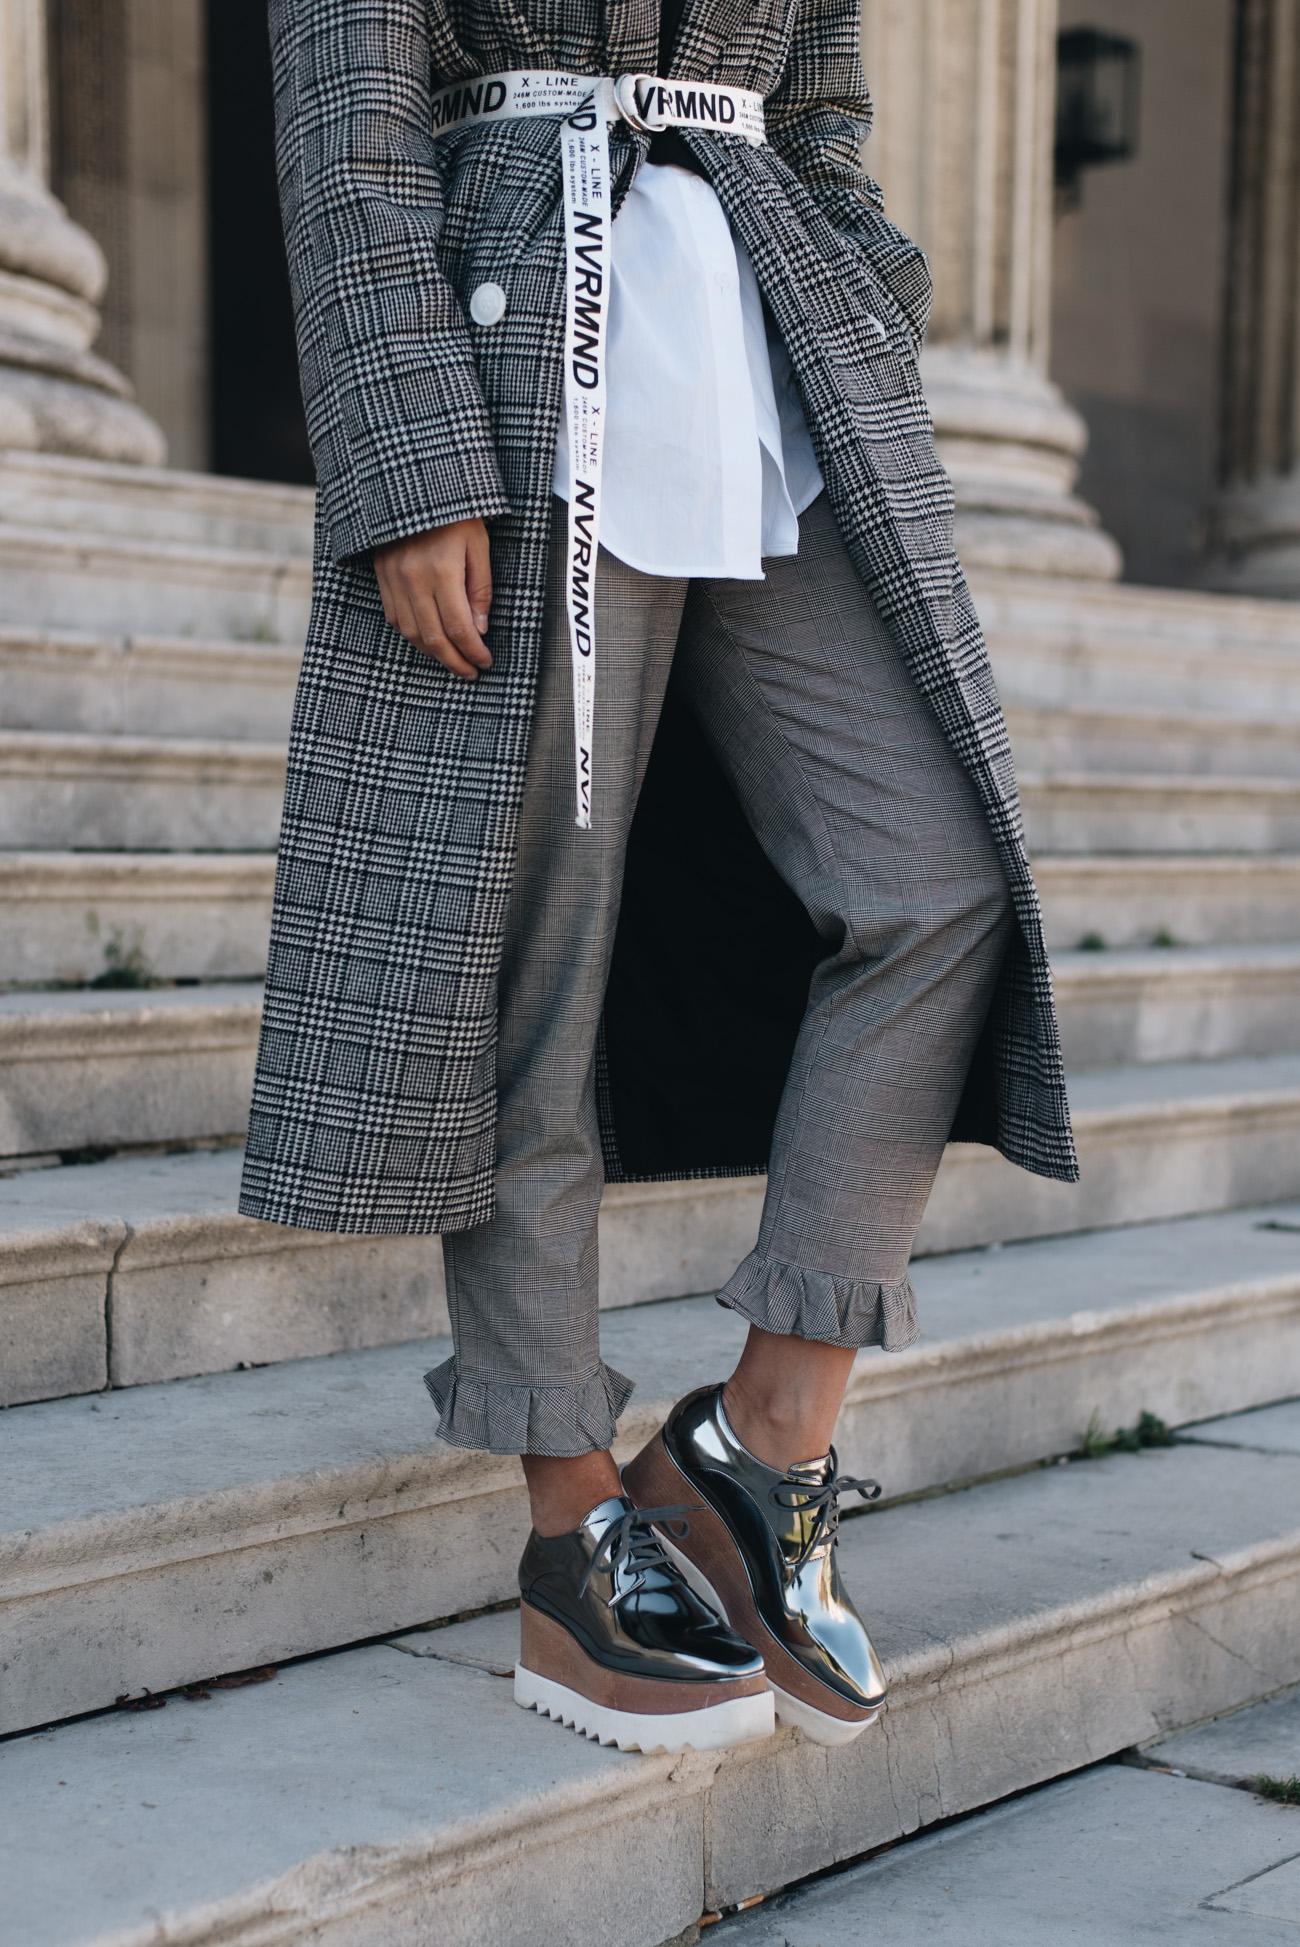 Glencheck-muster-grau-weiß-bluse-mit-corsage-fashion-blogger-deutschland-nina-schwichtenberg